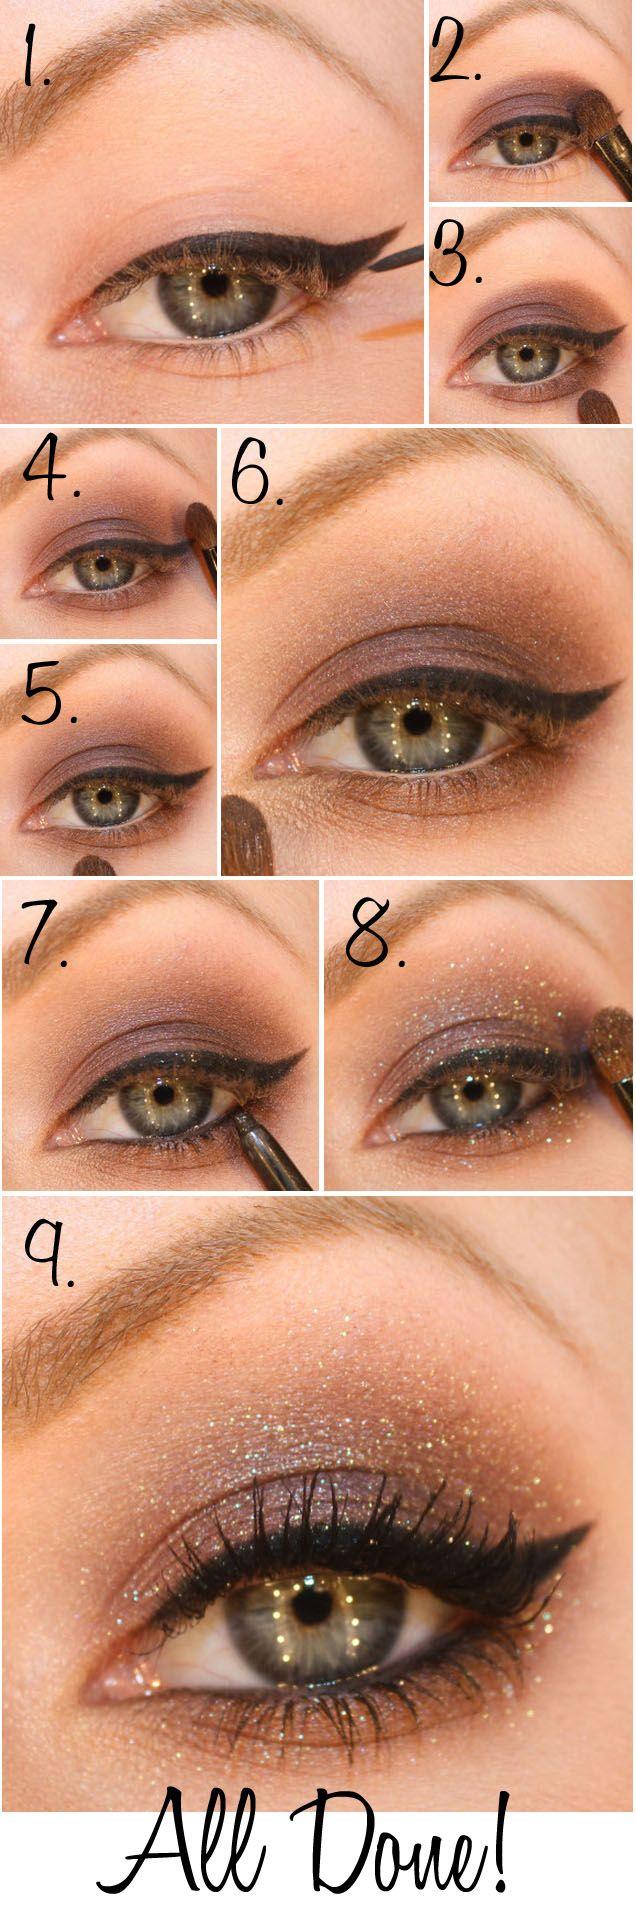 Amanda Seyfried inspired eye shadow tutorial. Shimmery, smokey cat eye